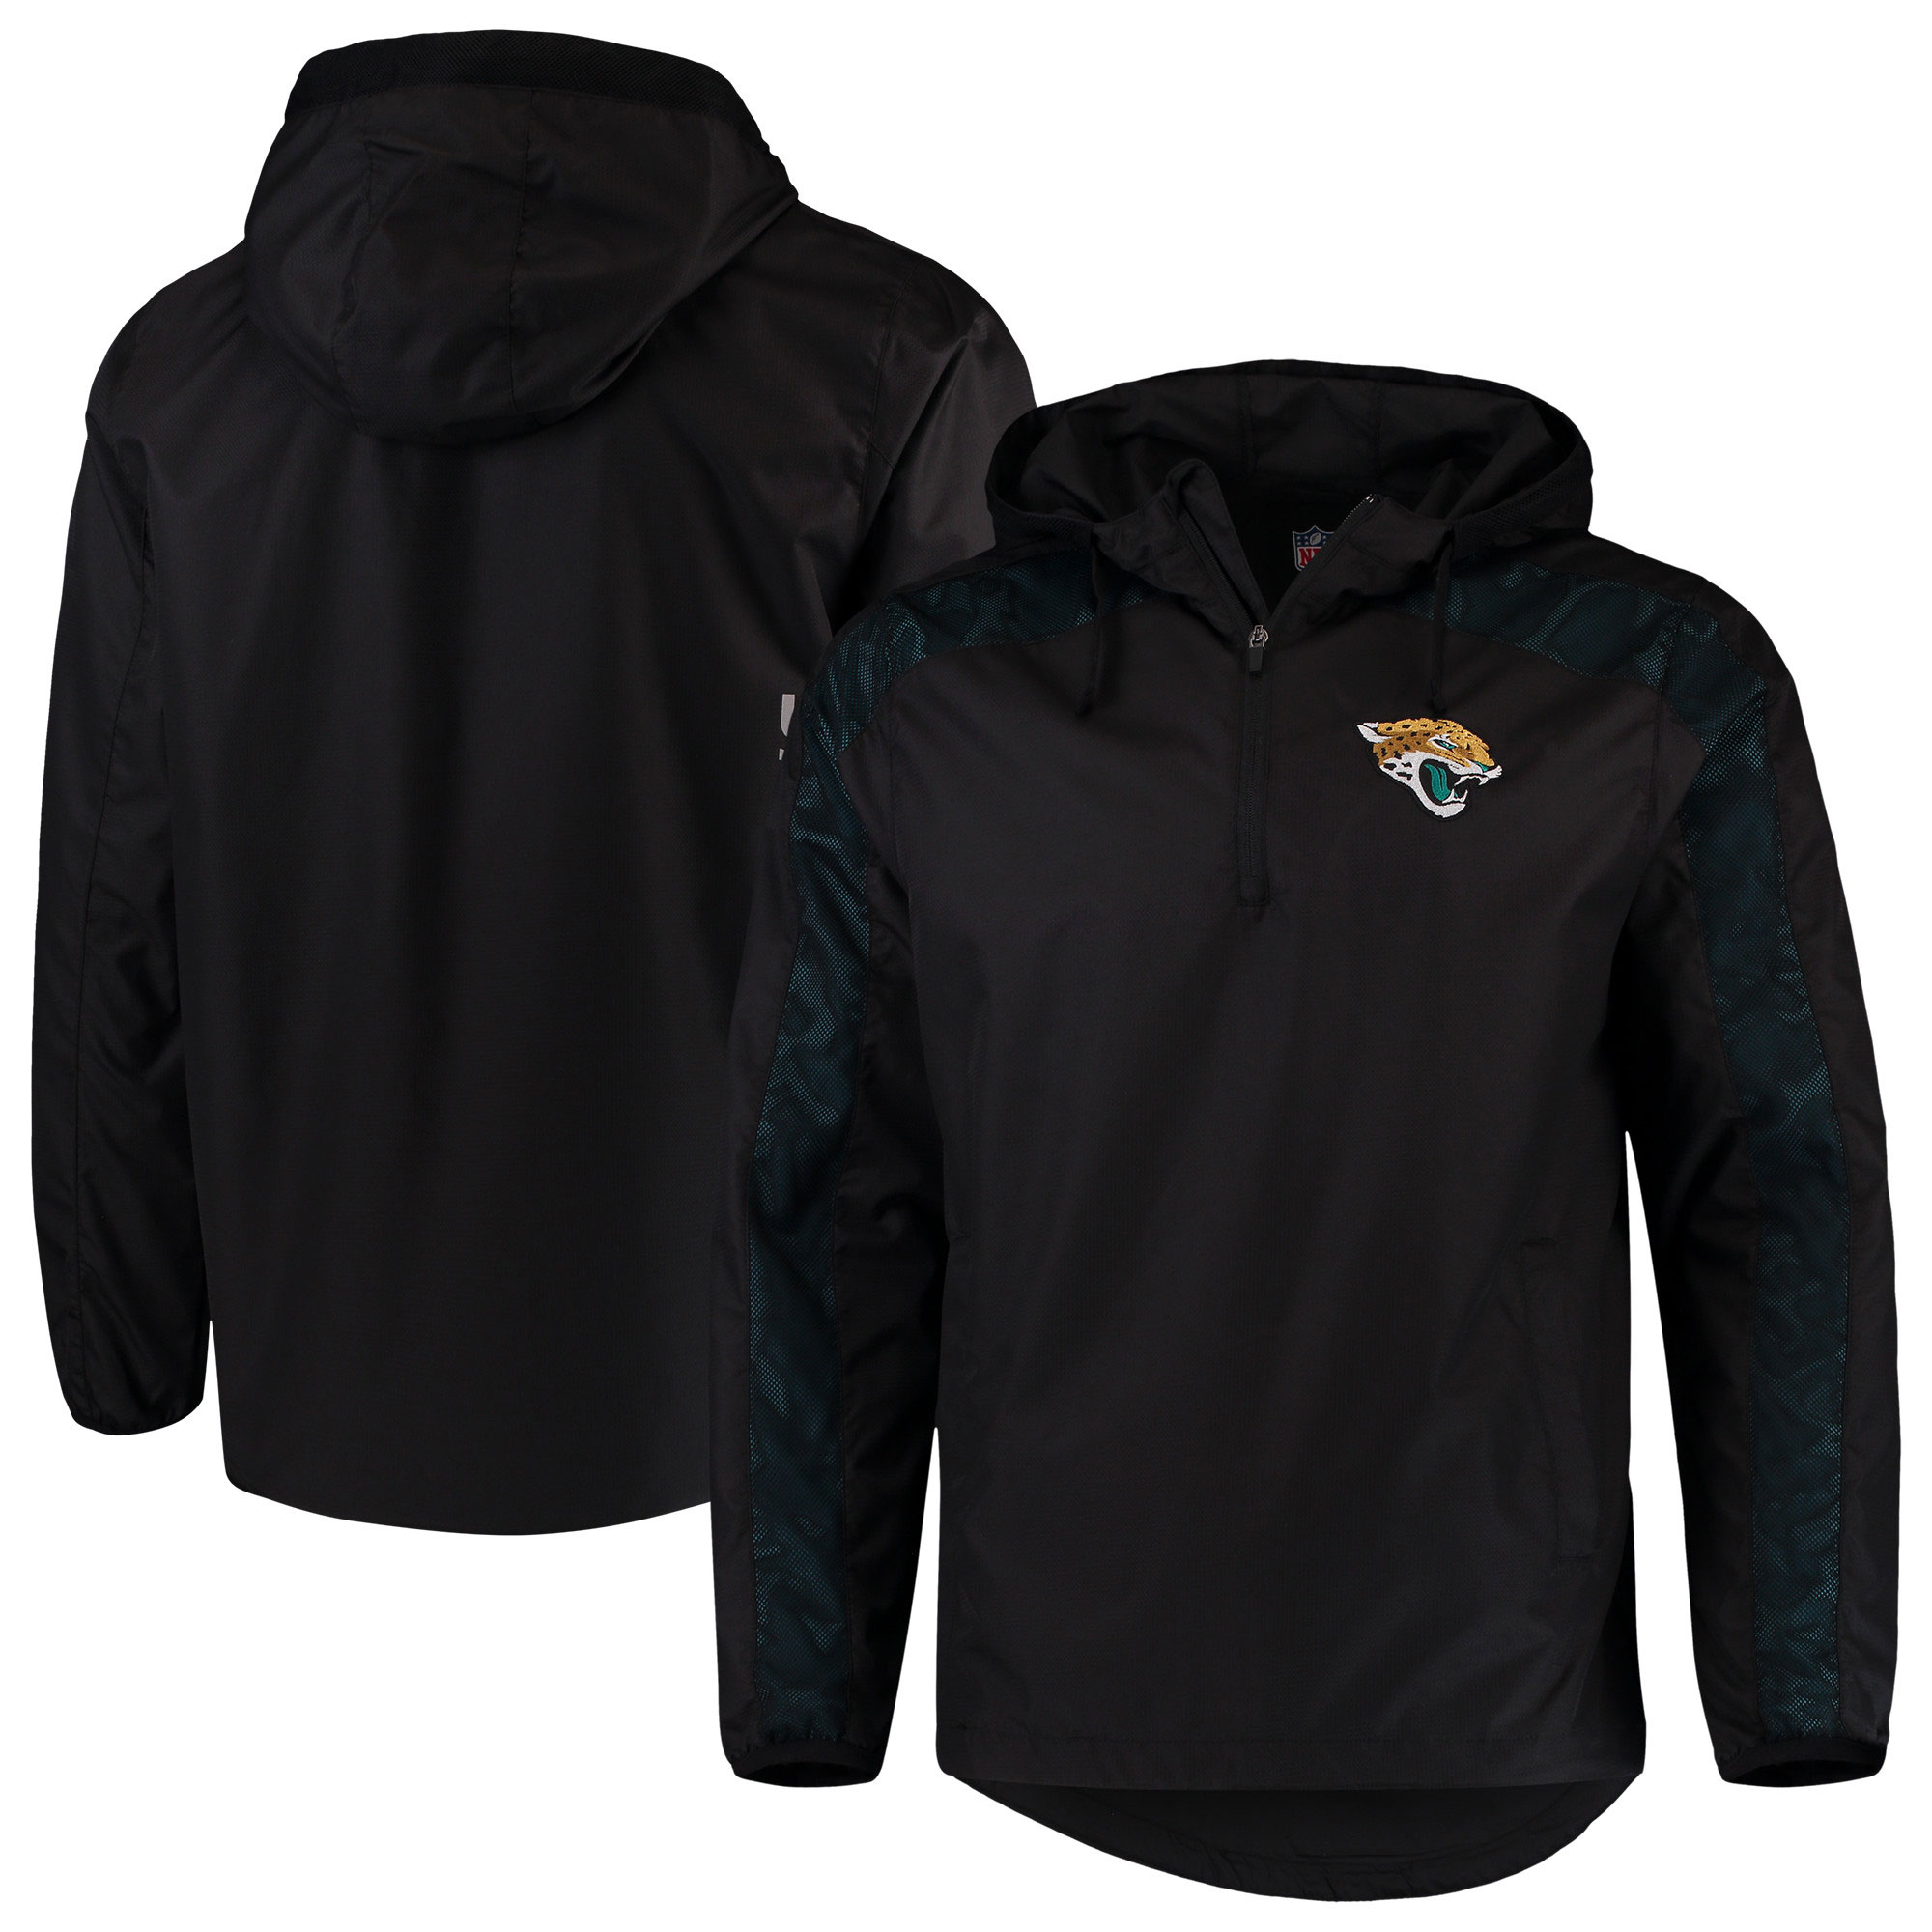 Jacksonville Jaguars G-III Sports by Carl Banks Lineup Hooded Half-Zip Jacket - Black